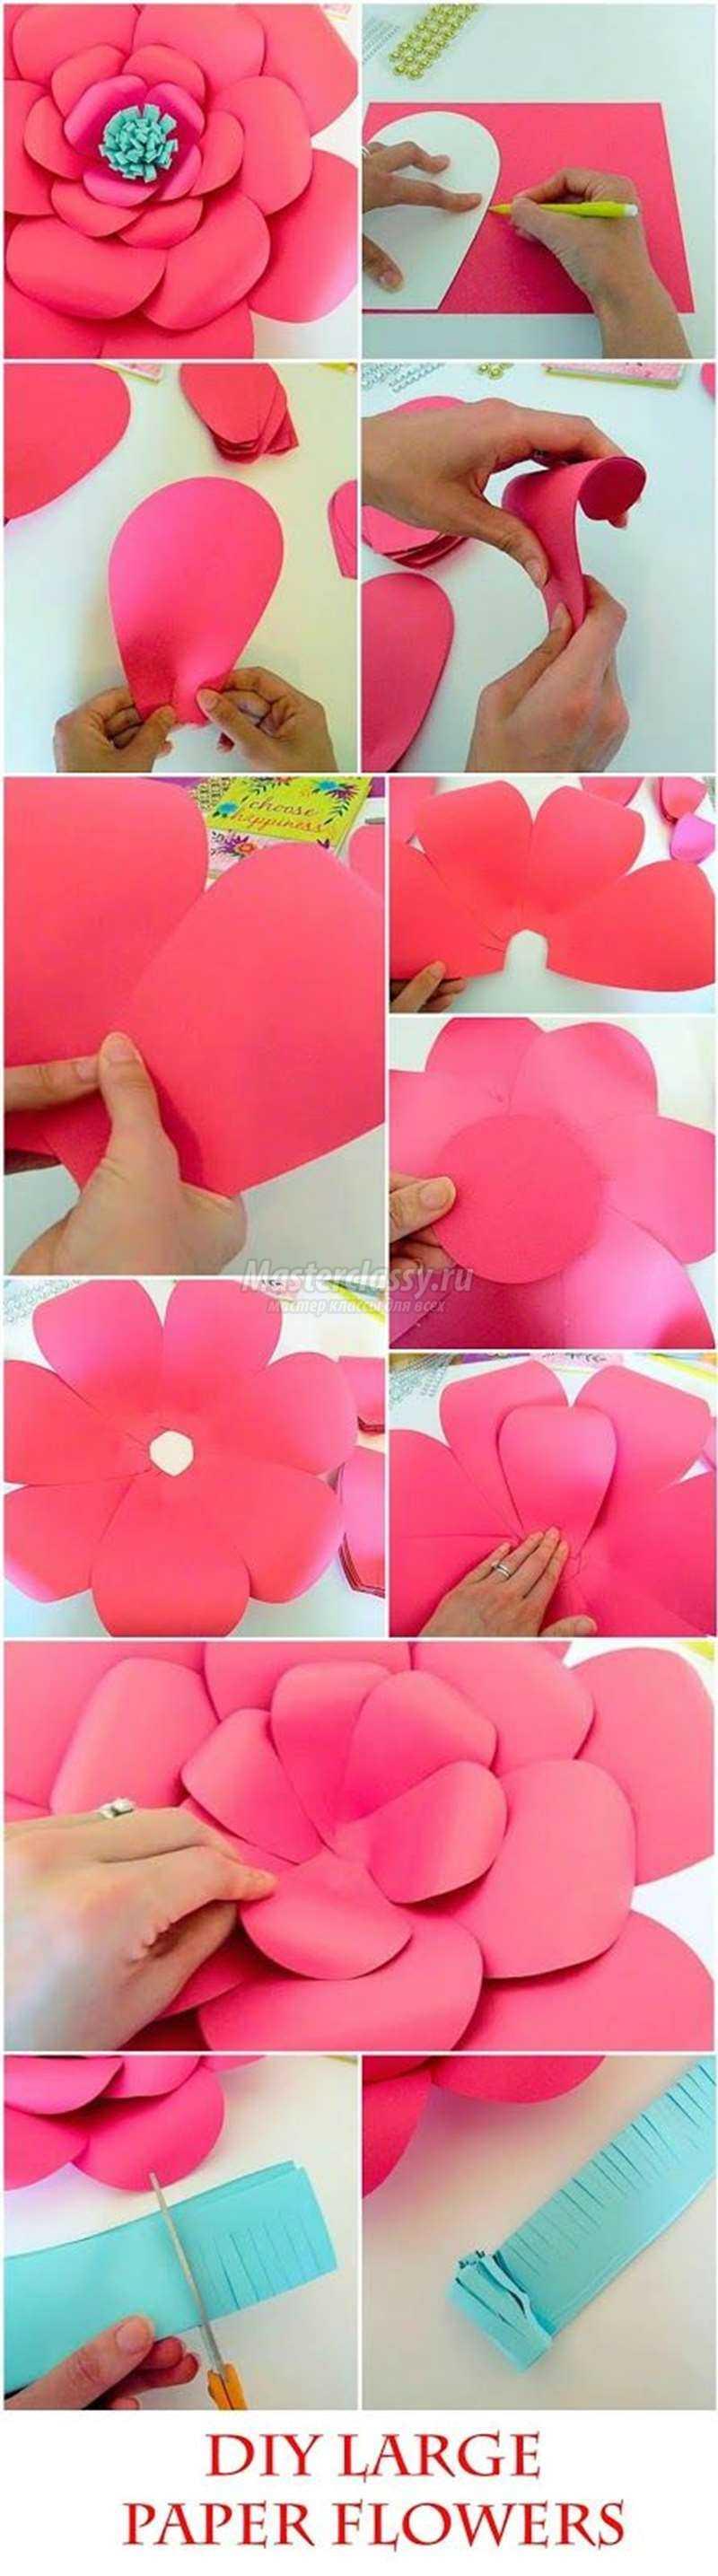 Цветы из бумаги своими руками: схемы и шаблоны - Мир Позитива 65